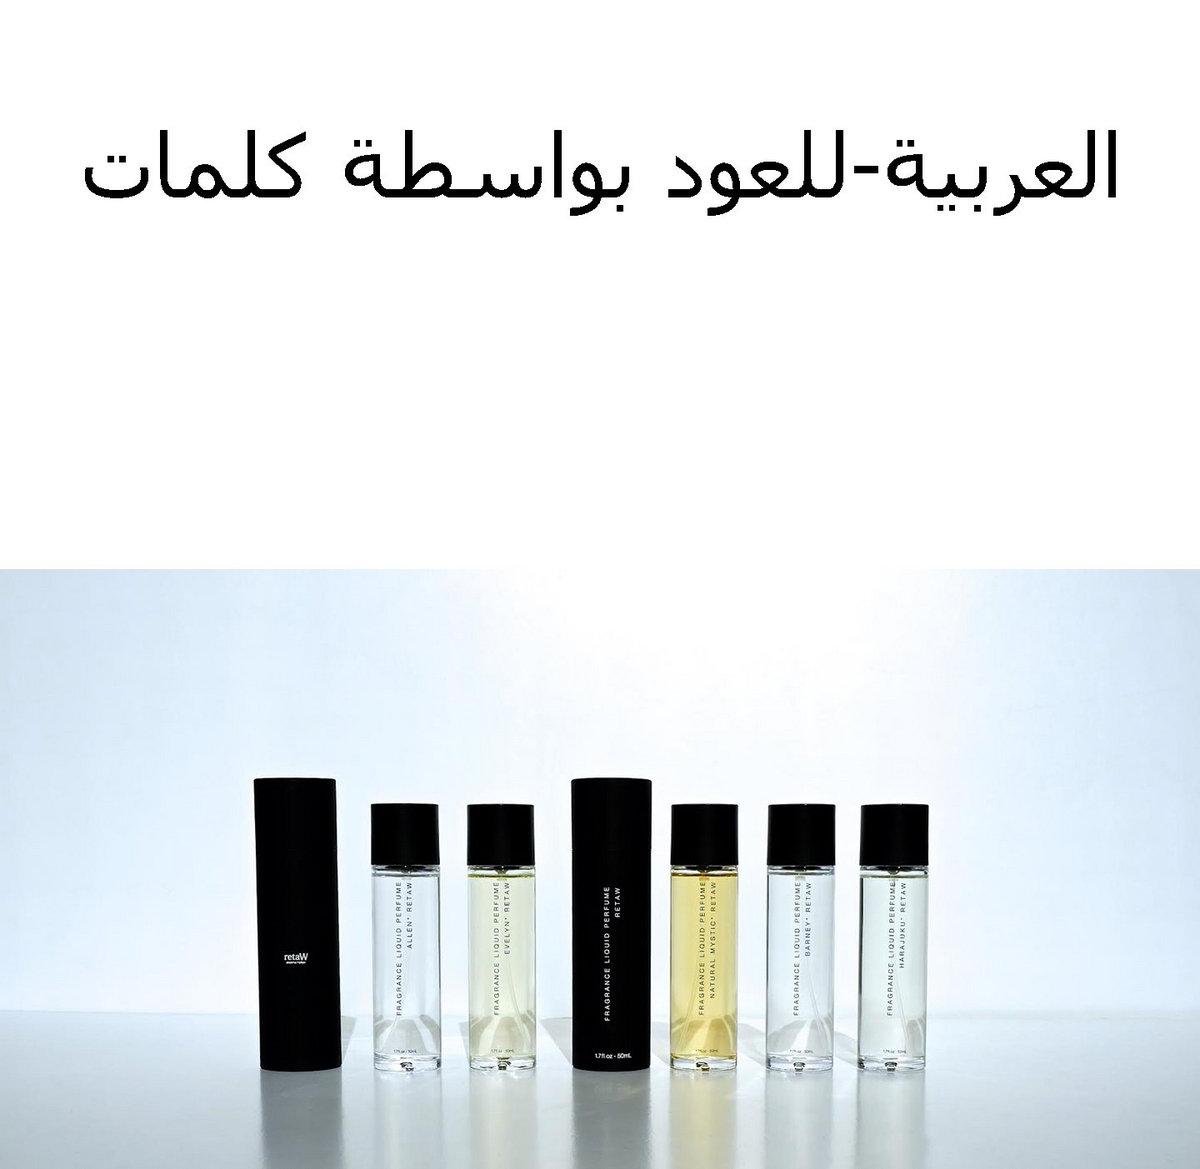 عطر كلمات العربية للعود